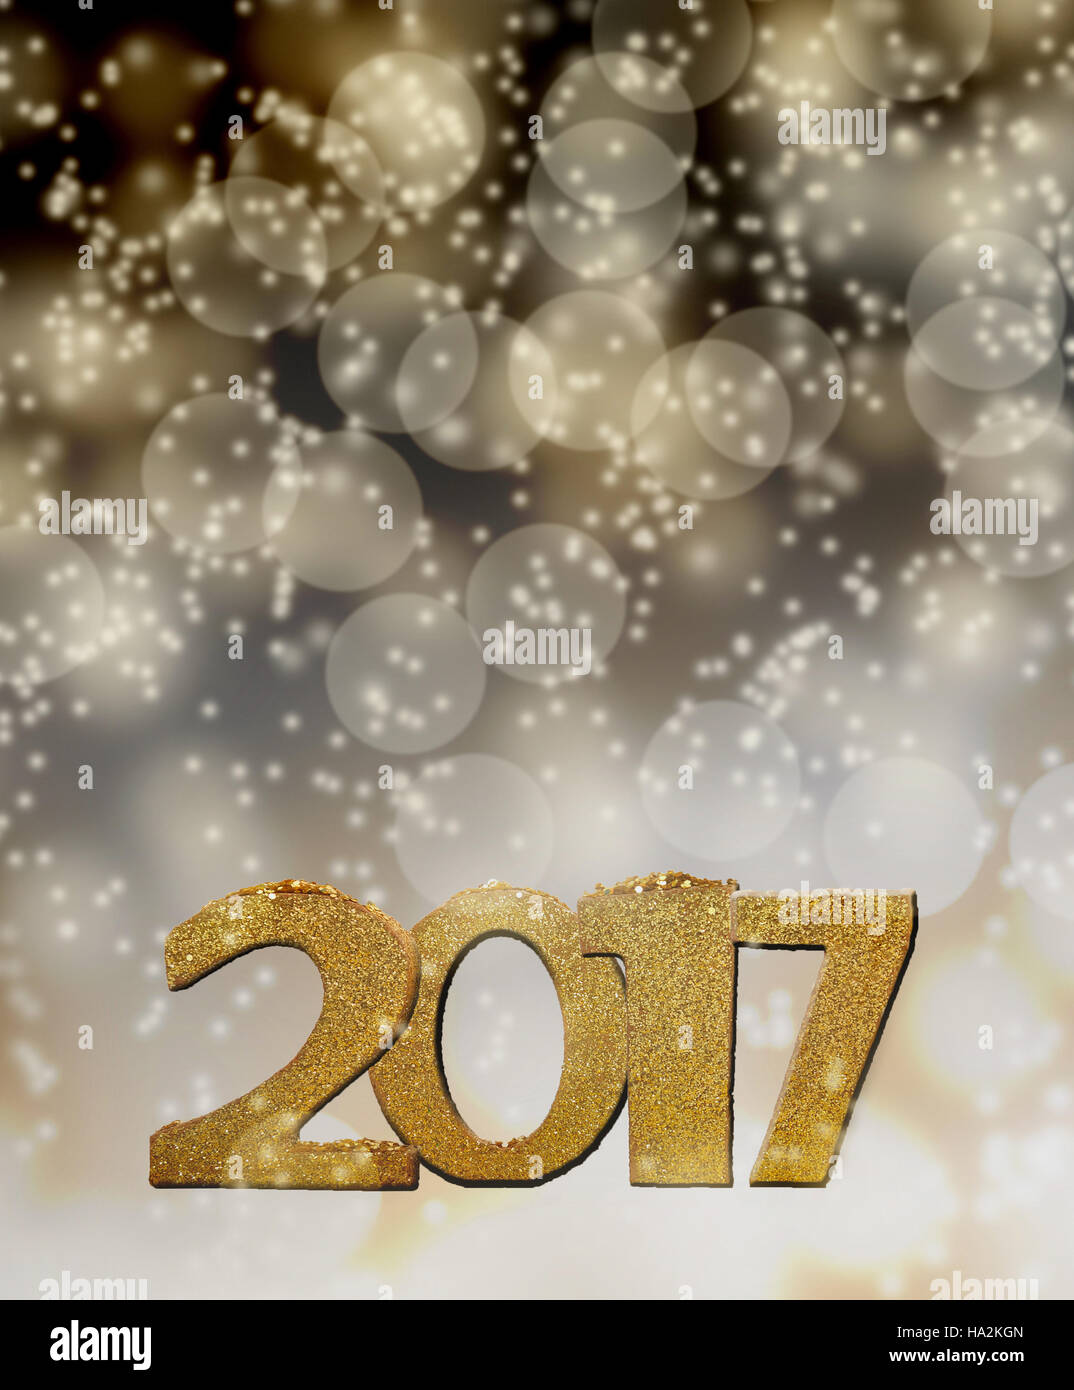 goldenen Figuren 2017 auf Lichter Hintergrund Stockbild